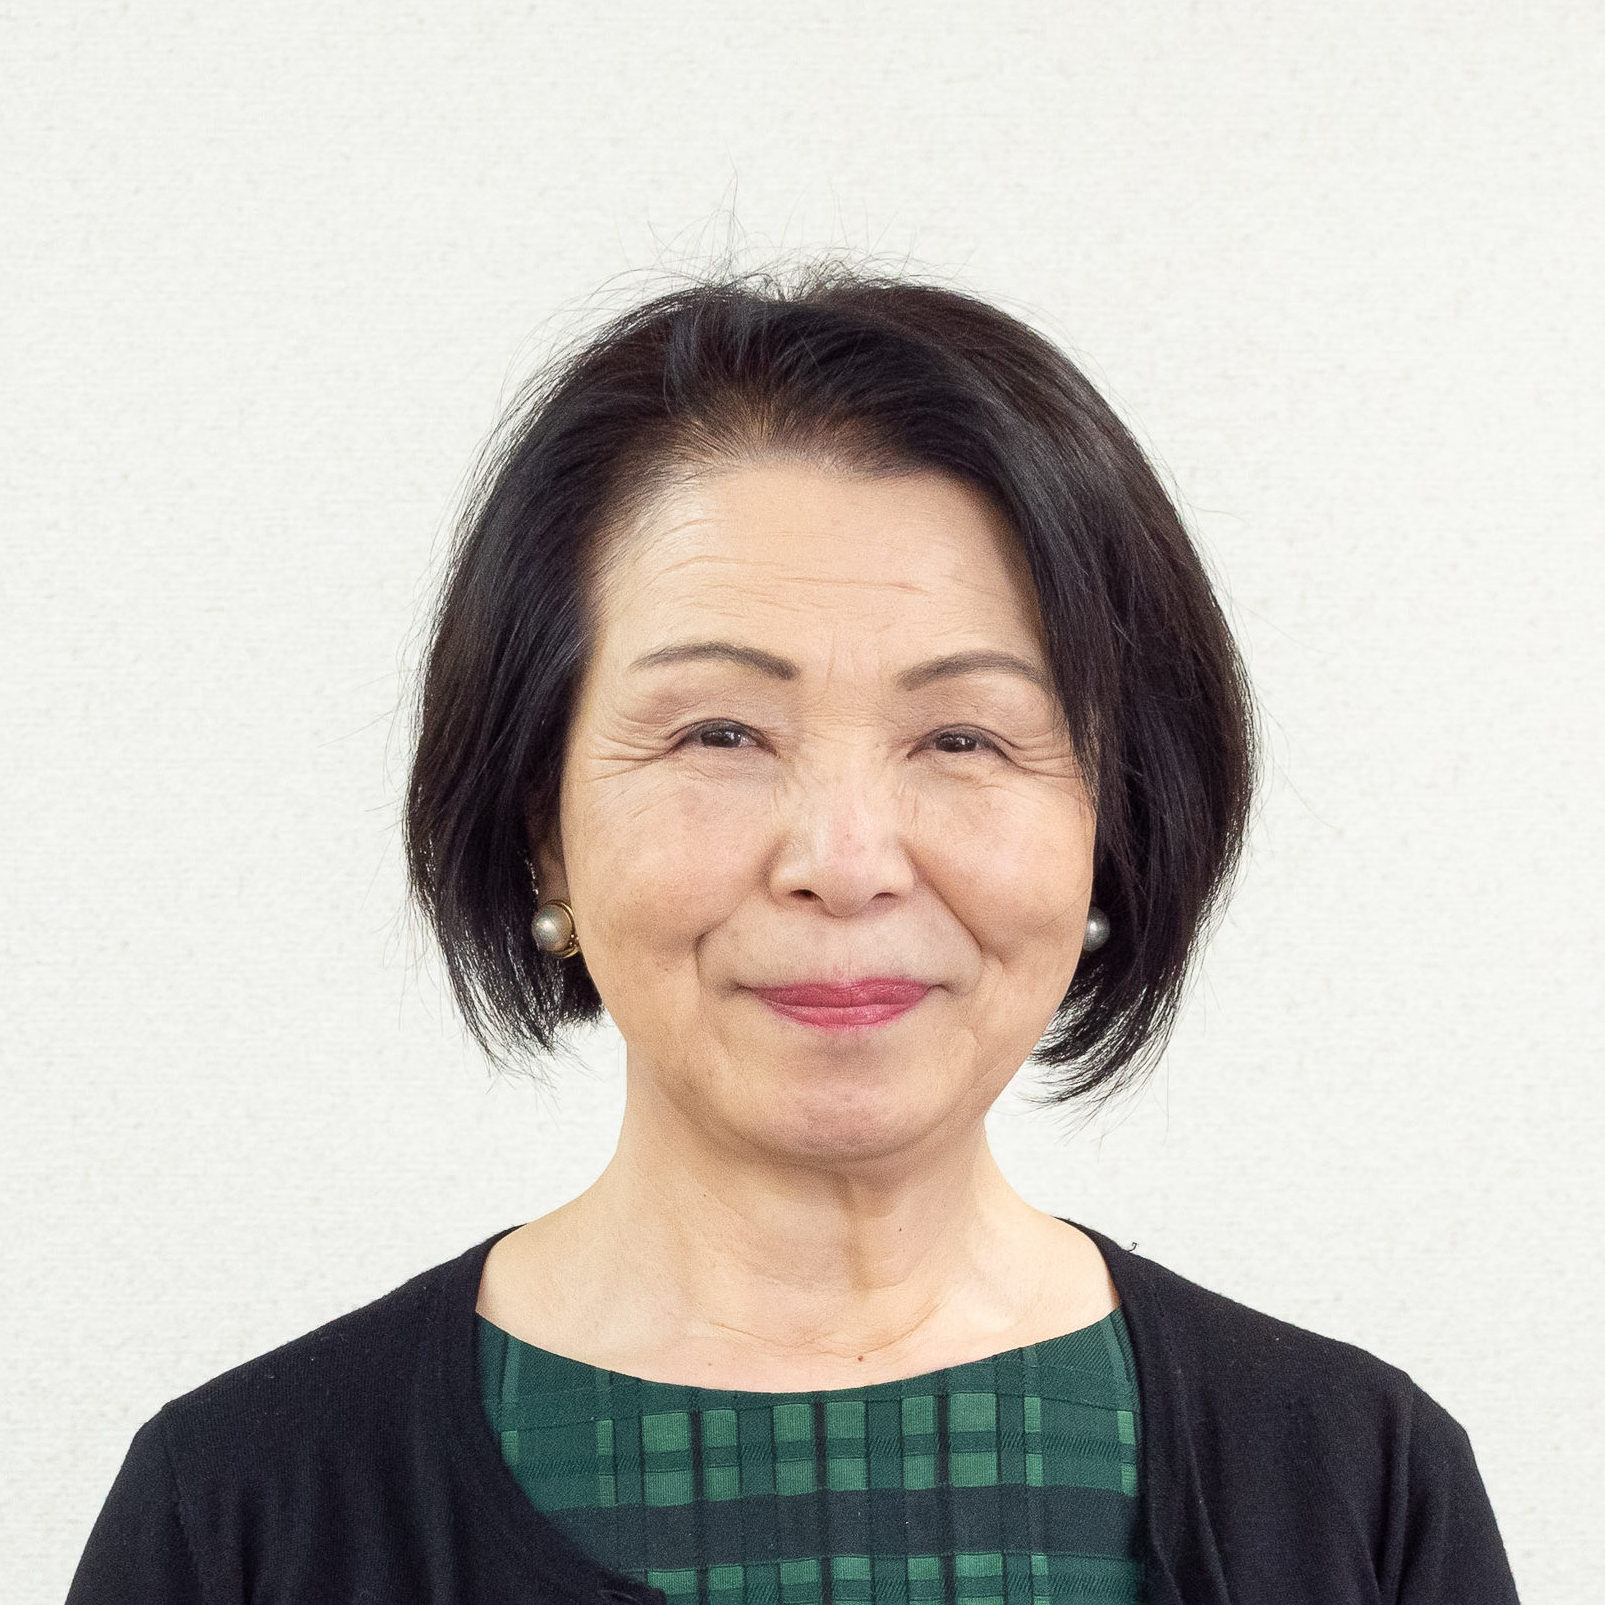 代表者 田中 文恵